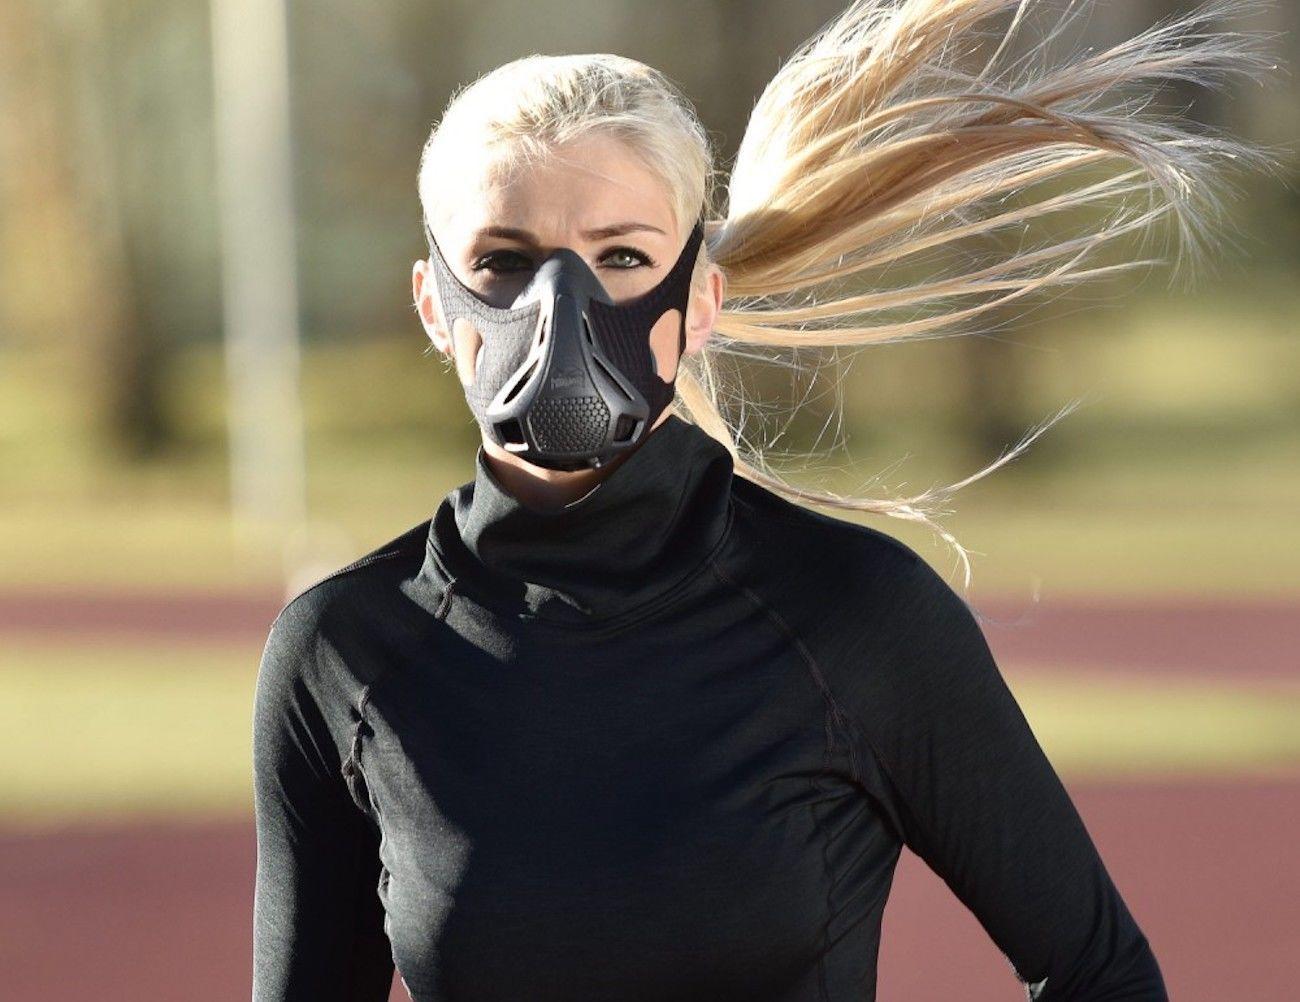 TrainingMask 3.0 Performance Breathing Trainer